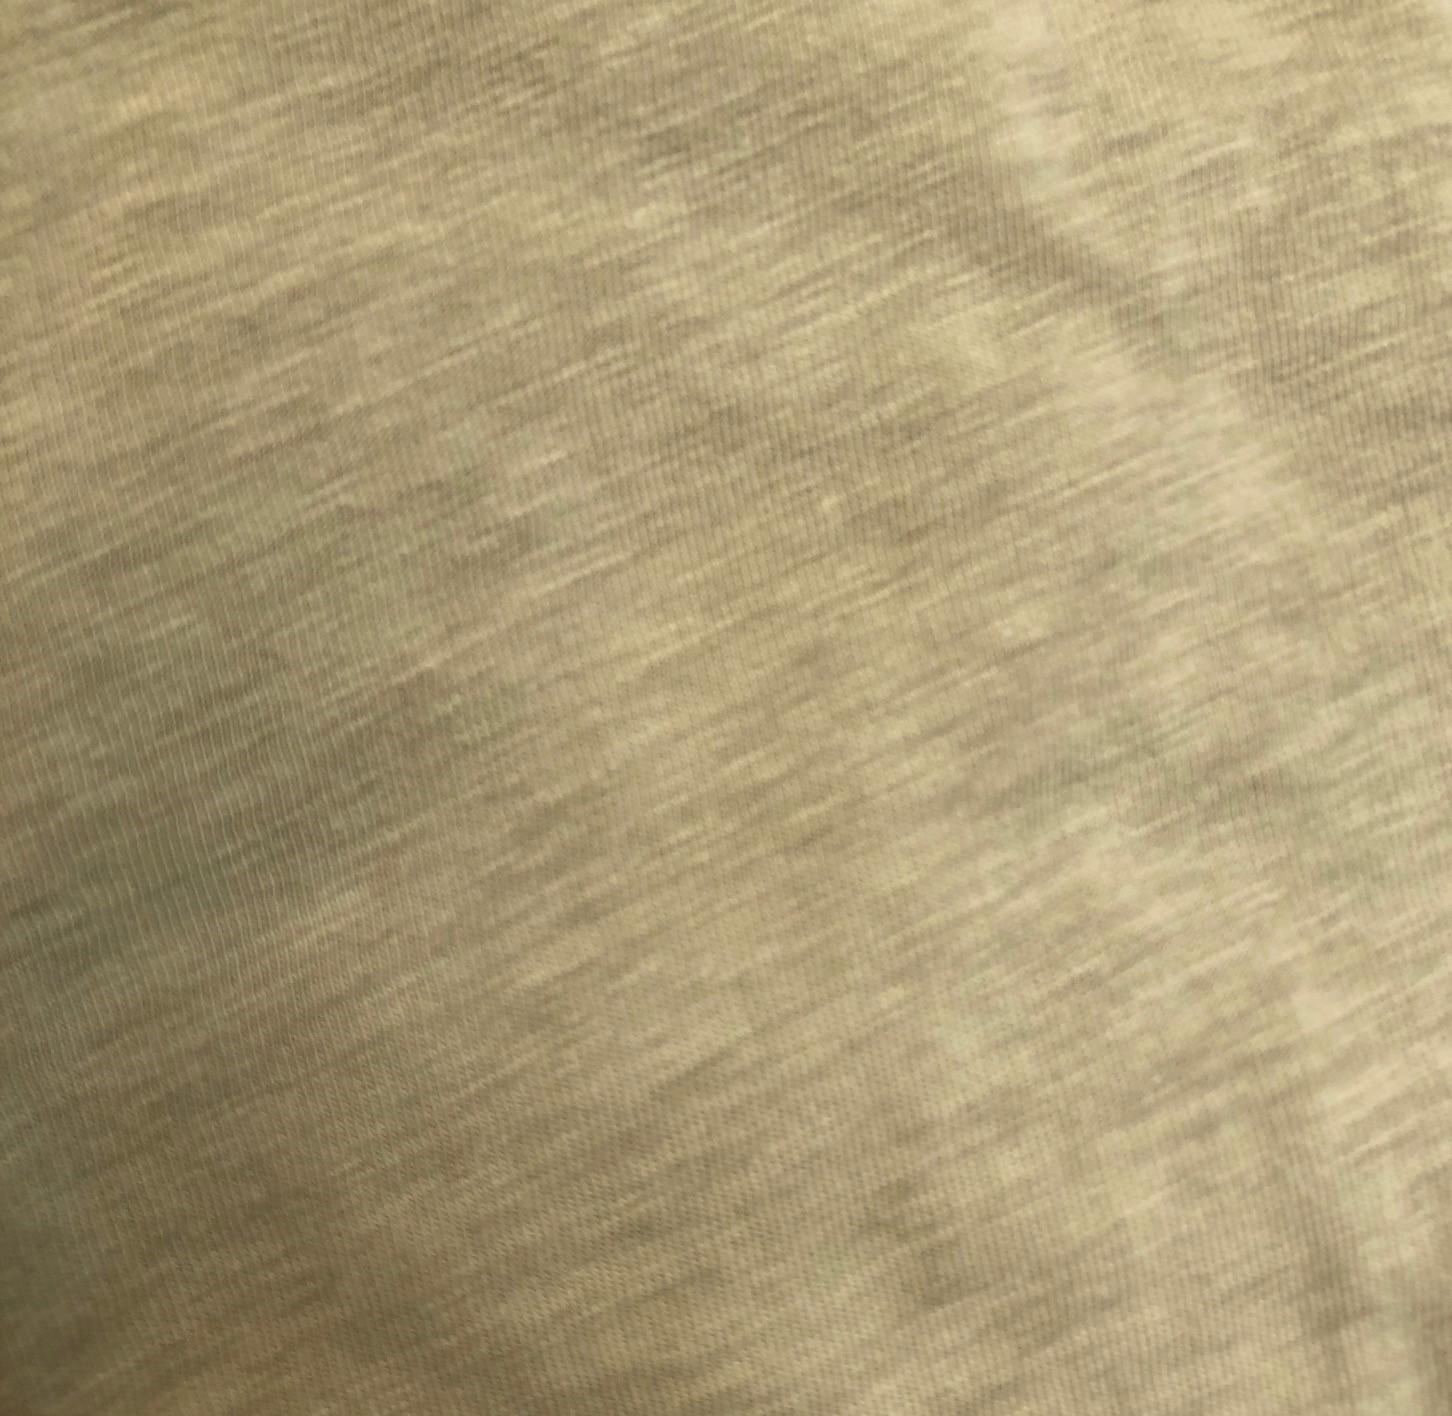 62- Pale khaki 45*